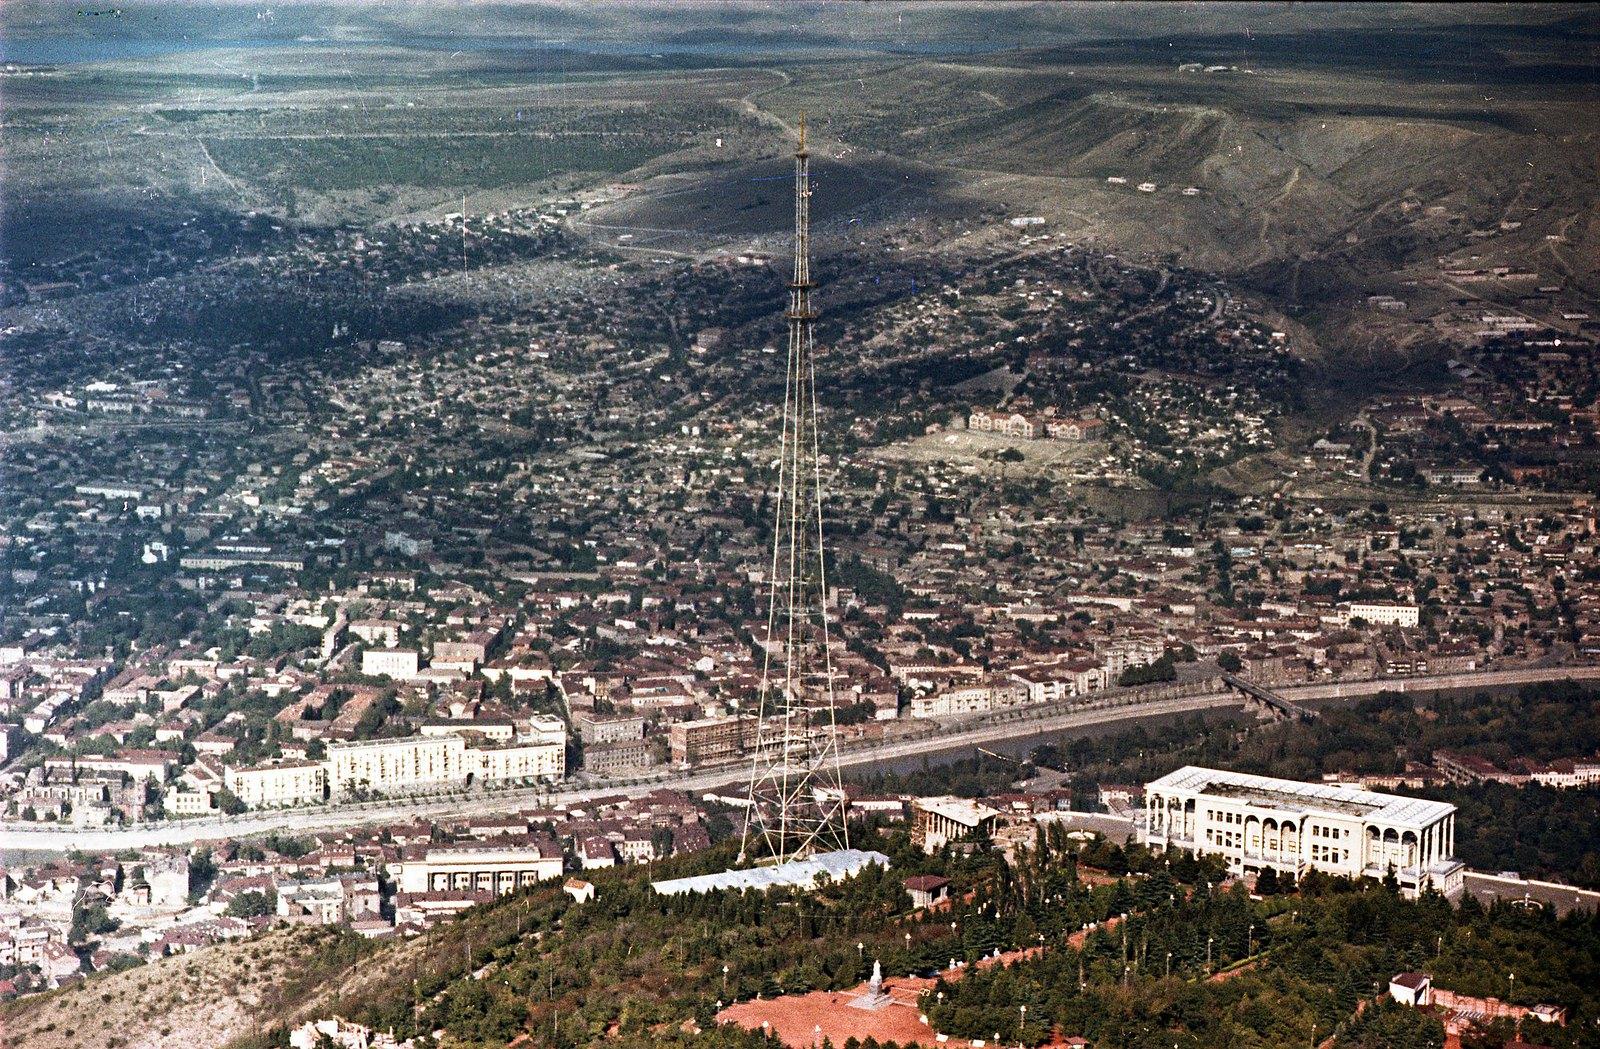 Тбилиси. Съёмка из вертолета. сентябрь-октябрь